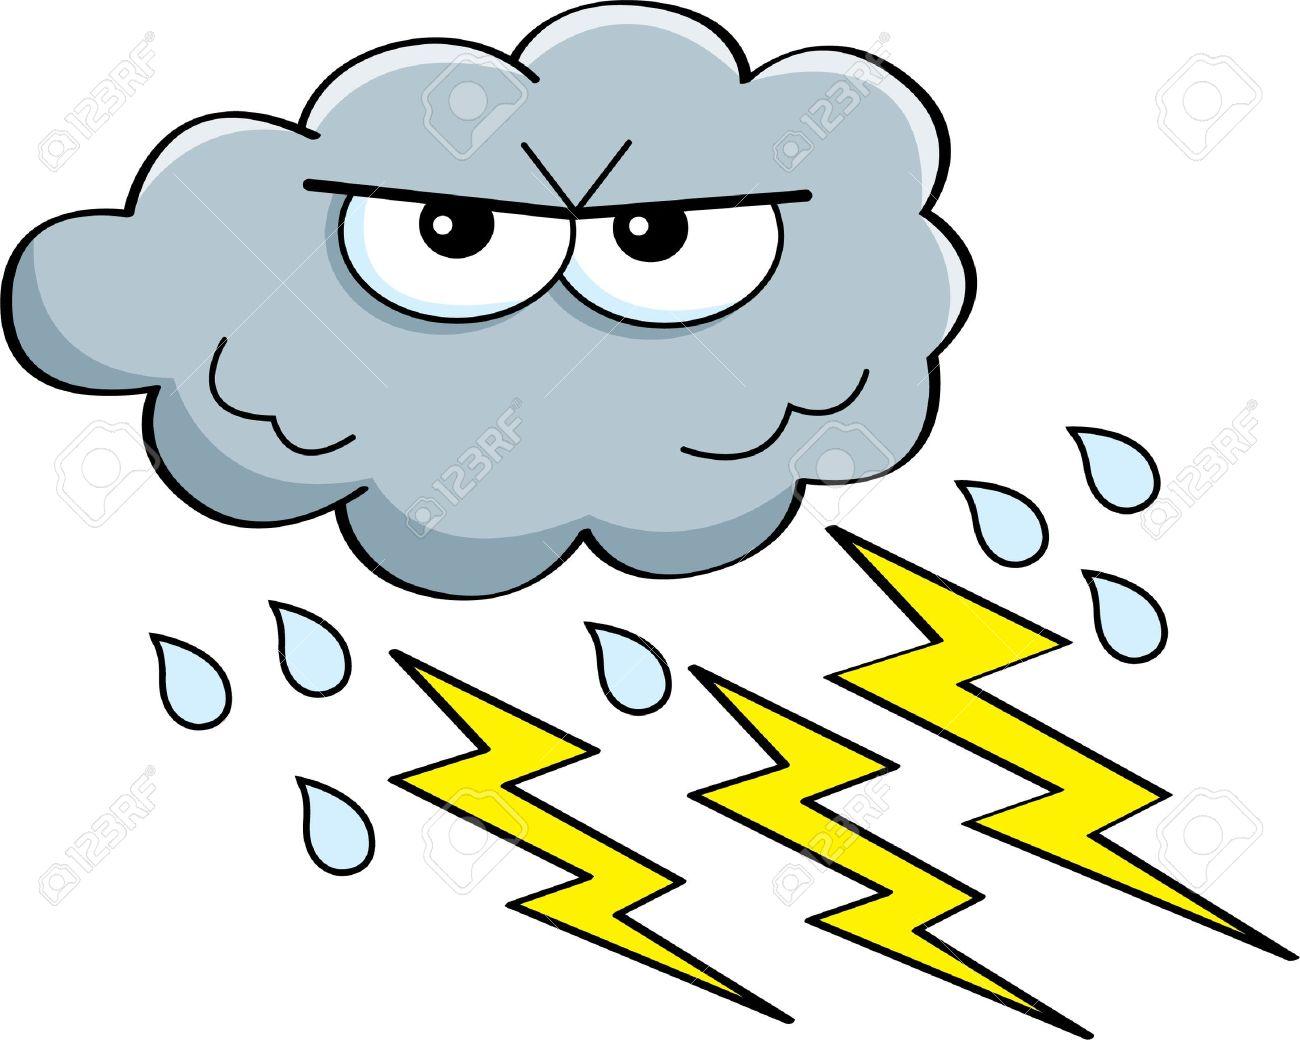 Resultado de imagen de tormenta y lluvias dibujo